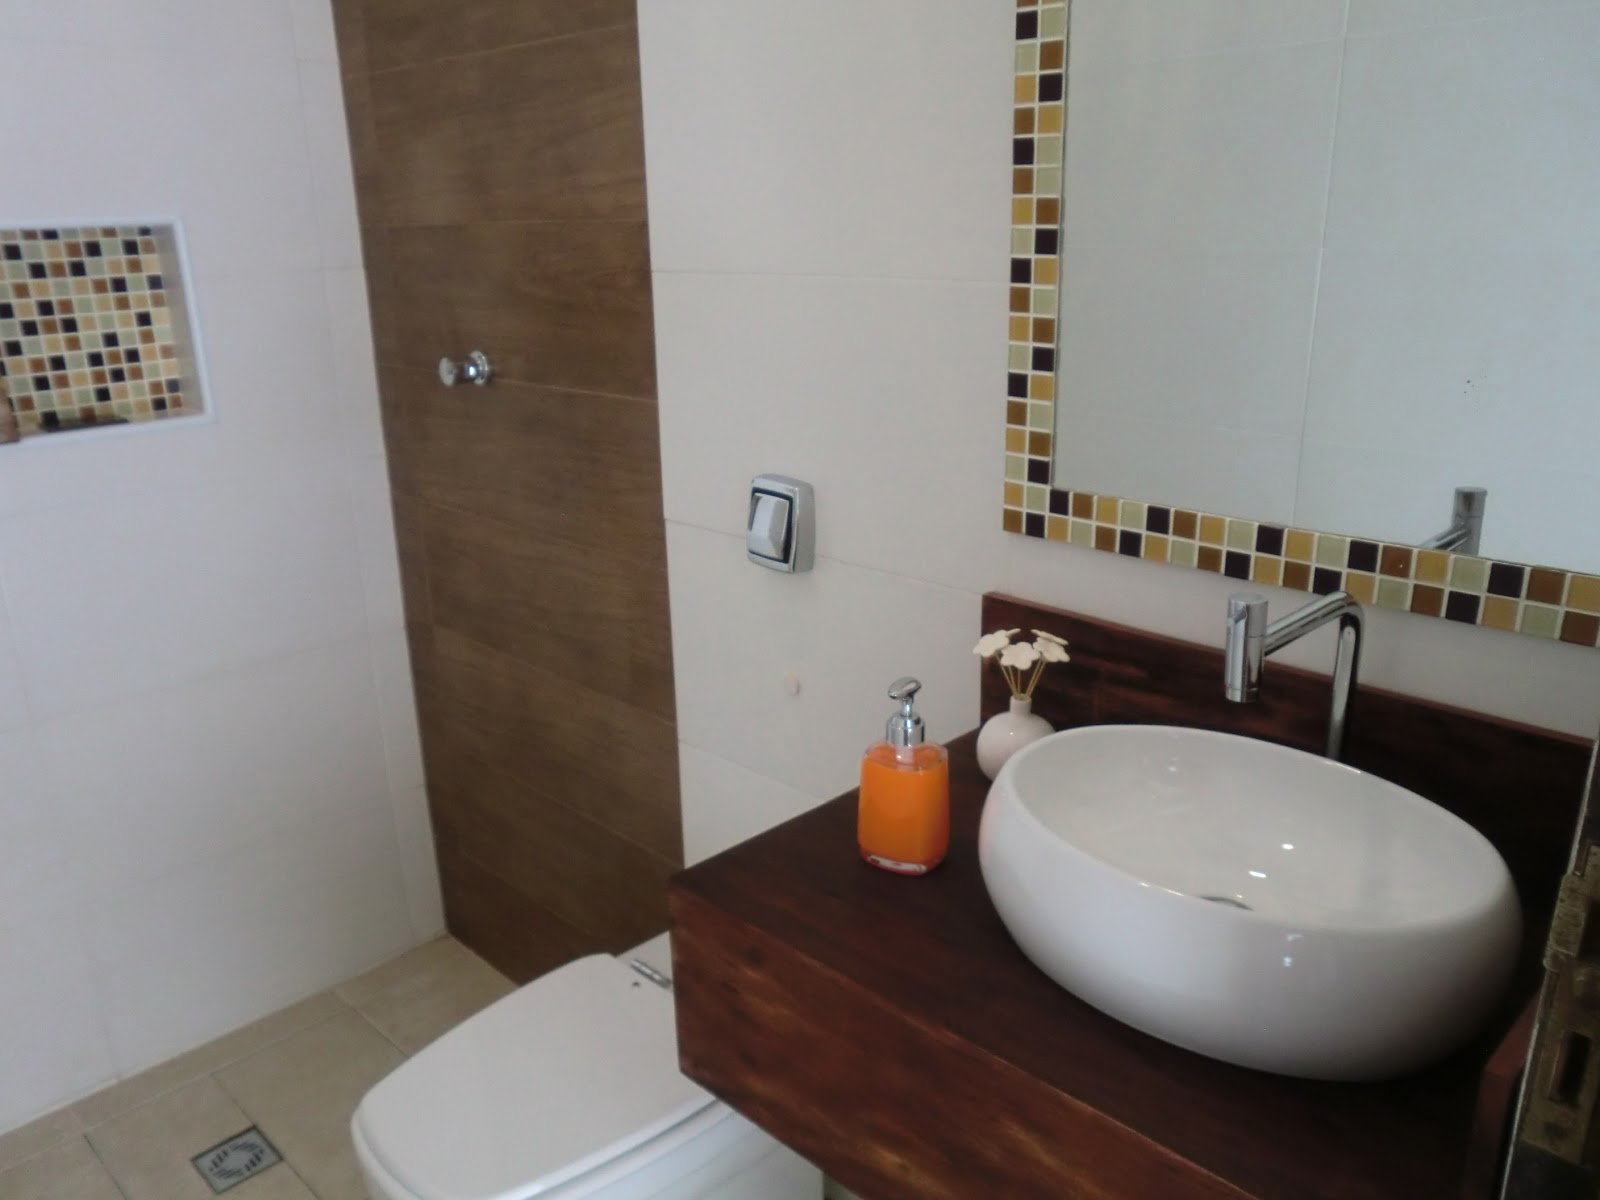 Imagens de #35251D bancada finalmente chegou e ja foi instalada . o espelho tambem  1600x1200 px 3604 Banheiros Super Simples